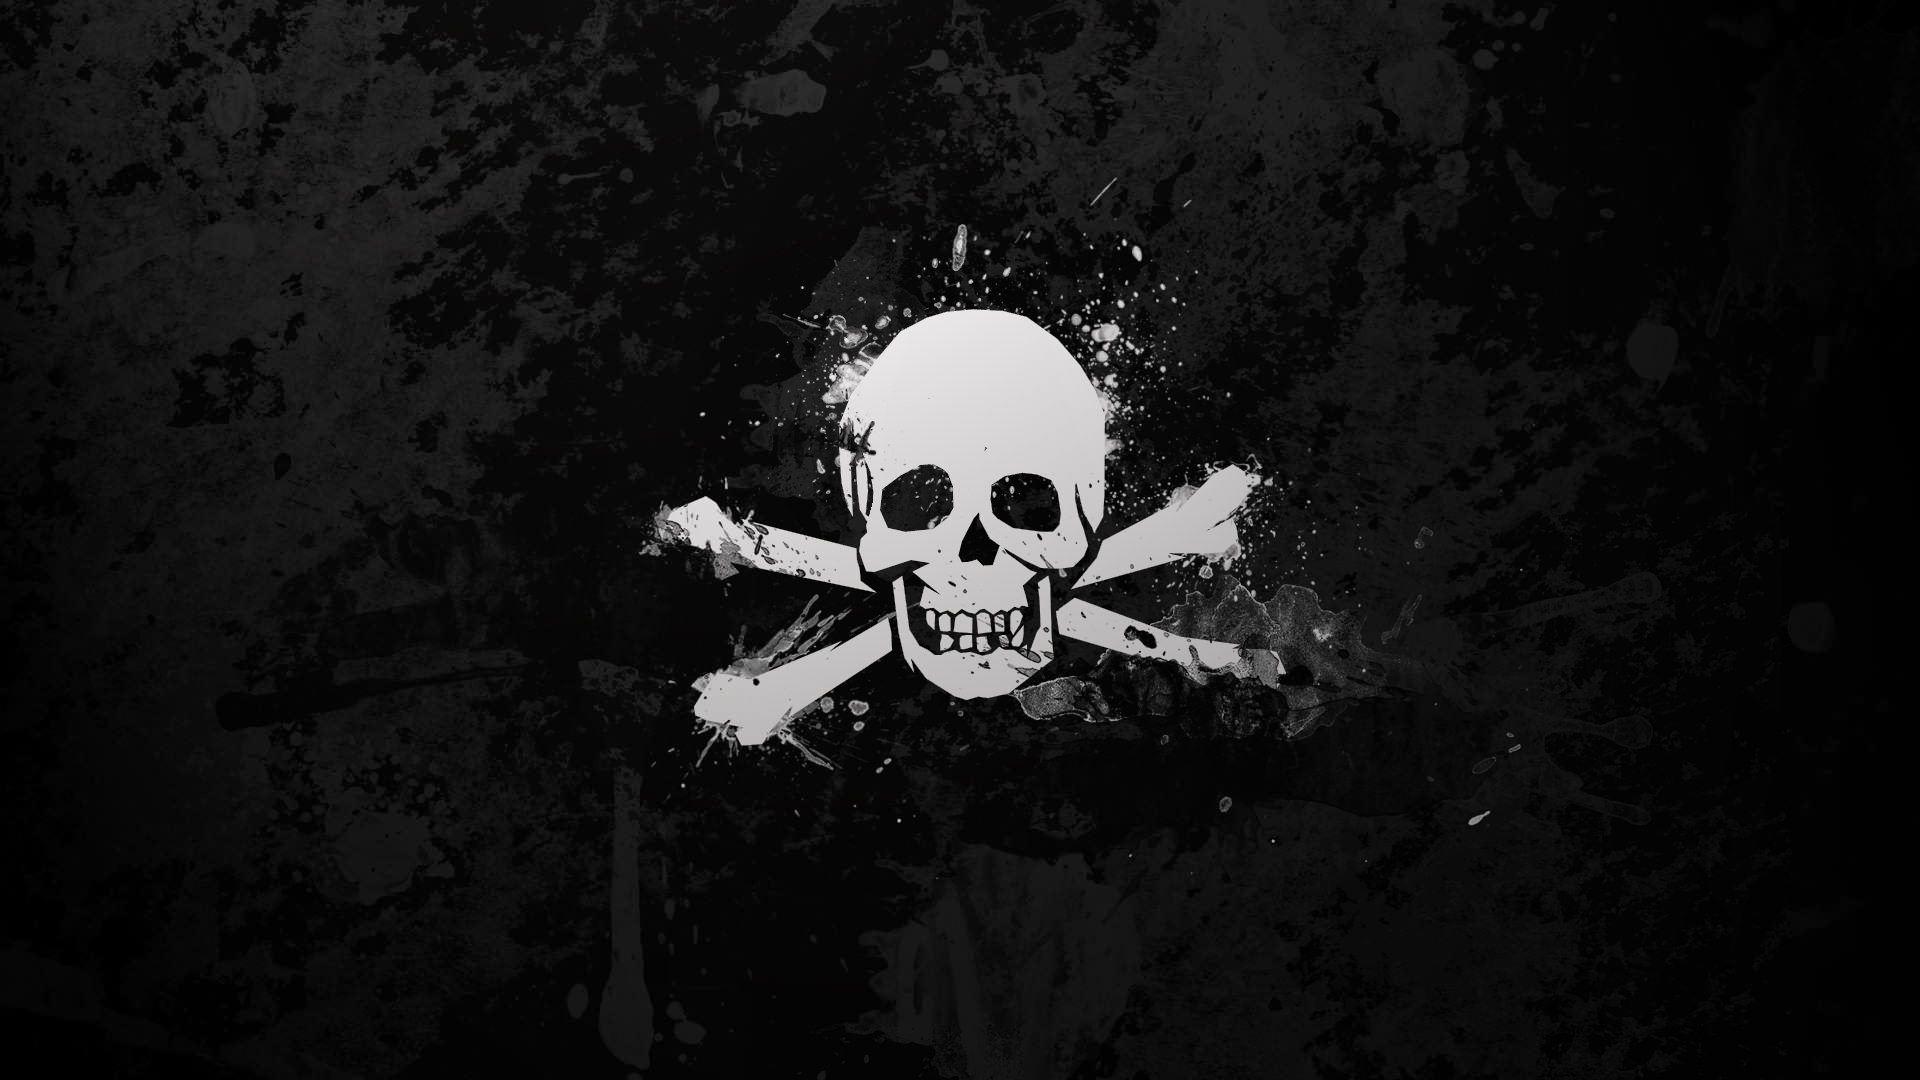 Skull And Bones 2018 Video Game 4k Hd Desktop Wallpaper: Caveiras Coloridas Para Papel De Parede De Celular E